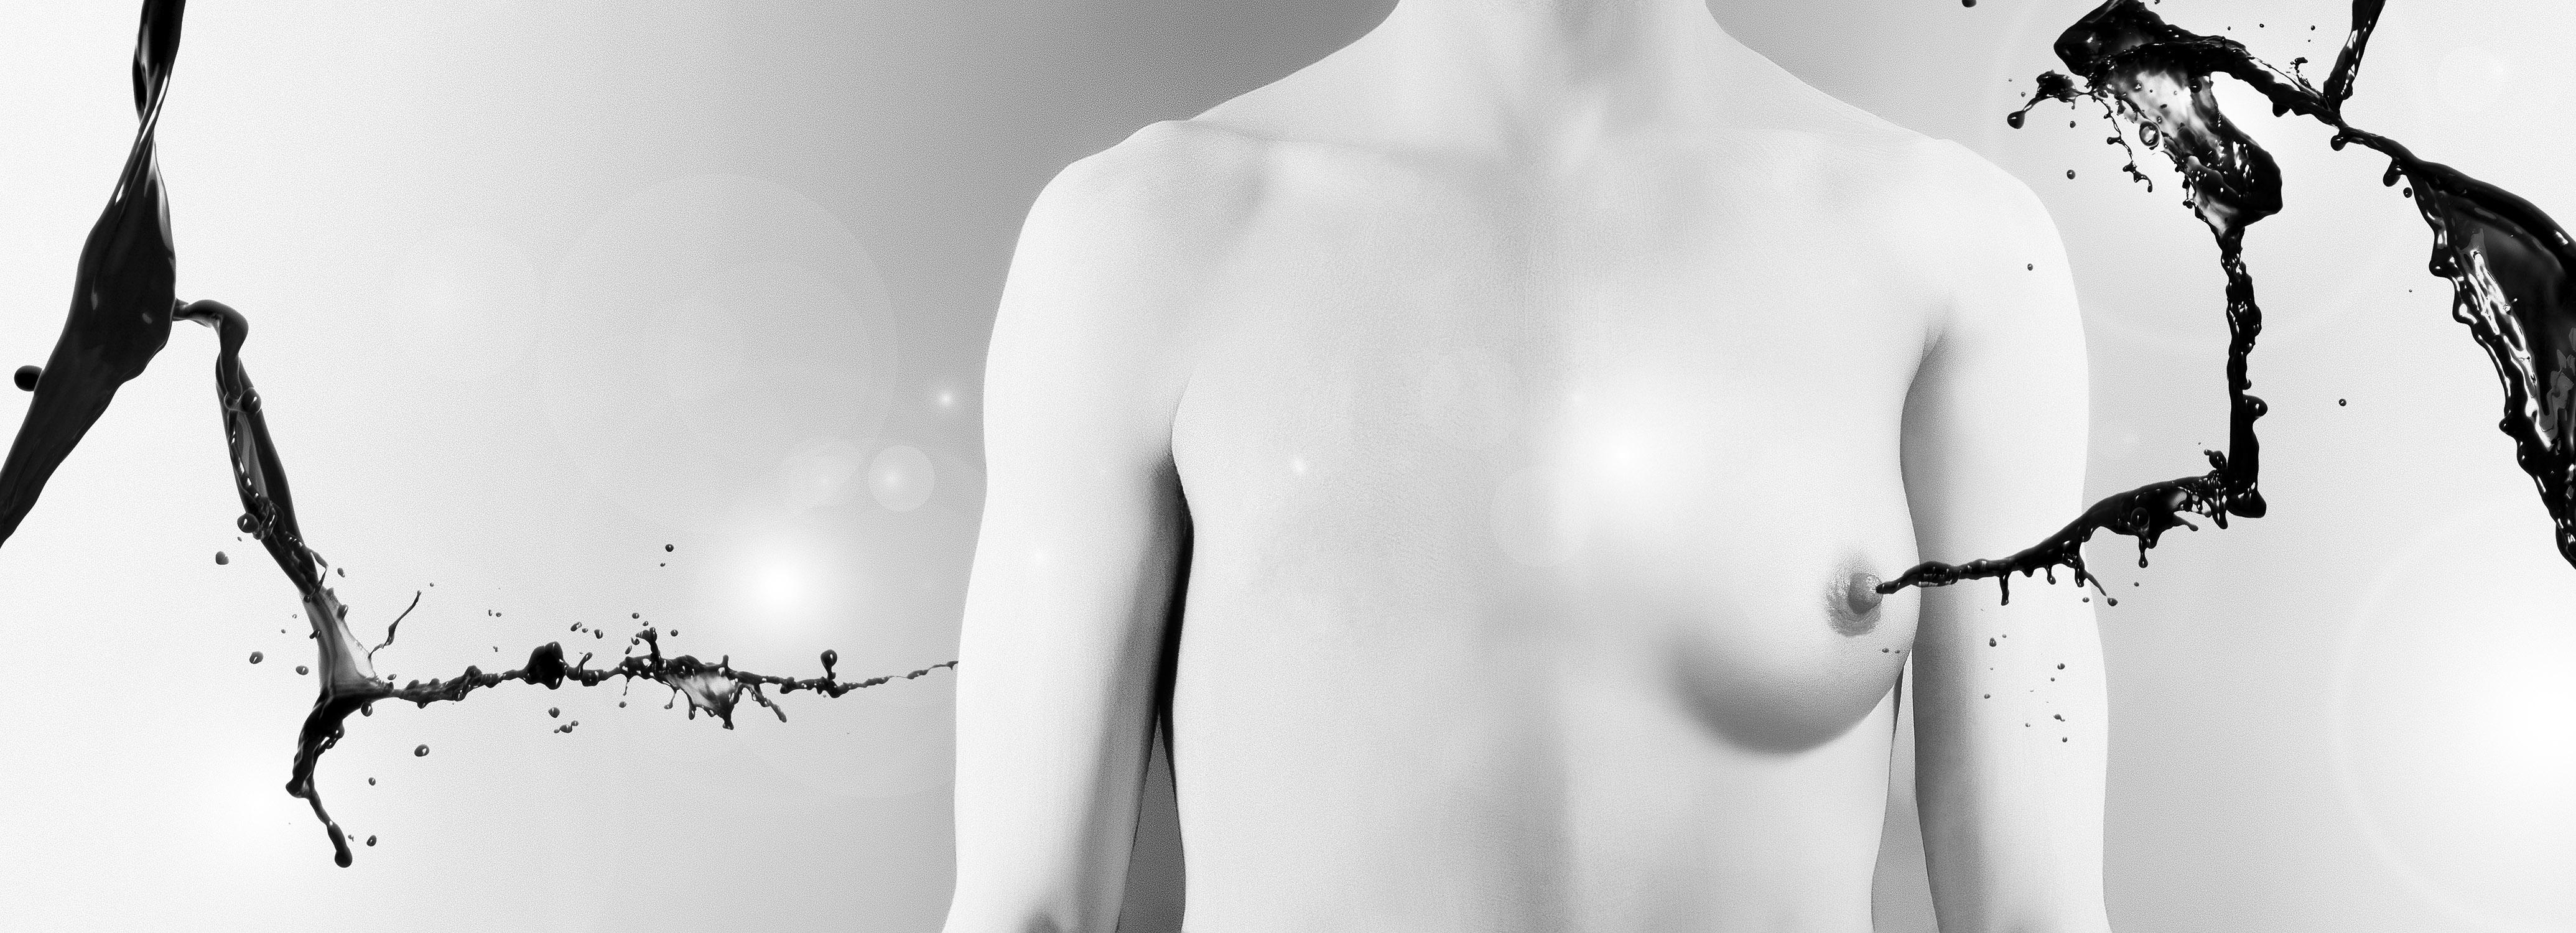 per l'invidia dell'altrui sesso / guada se differisce / guarda-50cm X 130cm – PRINT ON FINEART BARYTA HAHNEMÜHLE / DIBOND-©2013 – Edition of 5